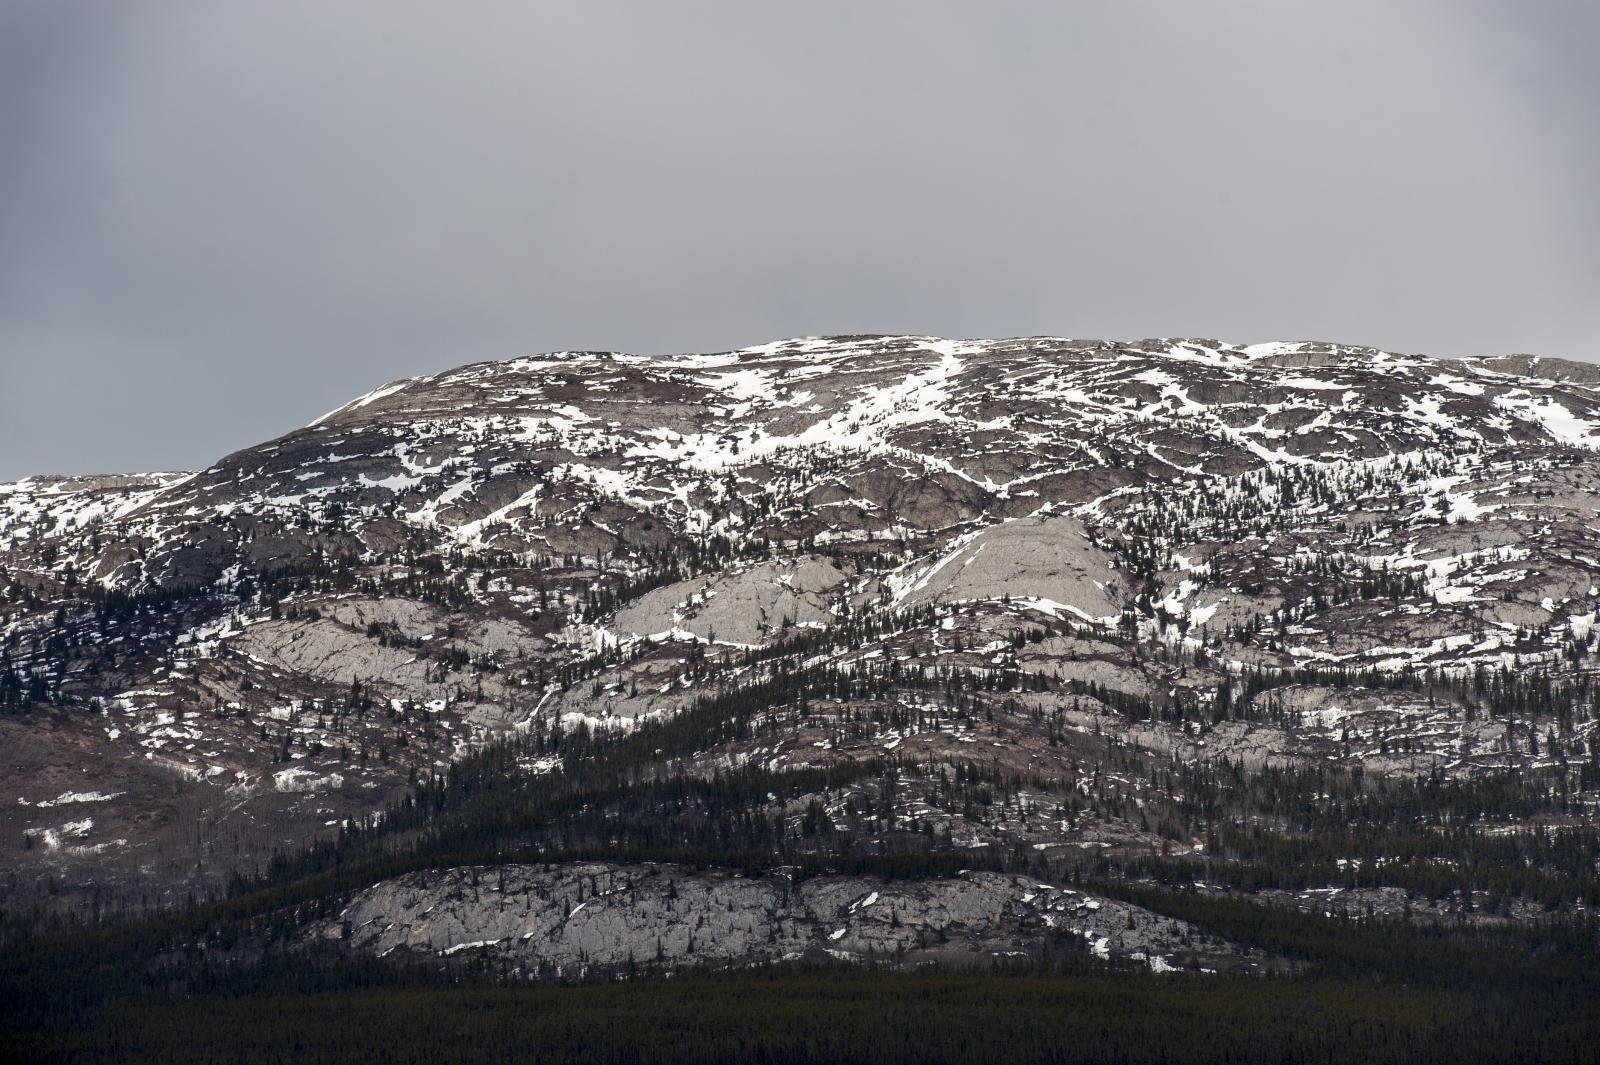 Grey Mountain in Whitehorse, Yukon. The scene of the crime.